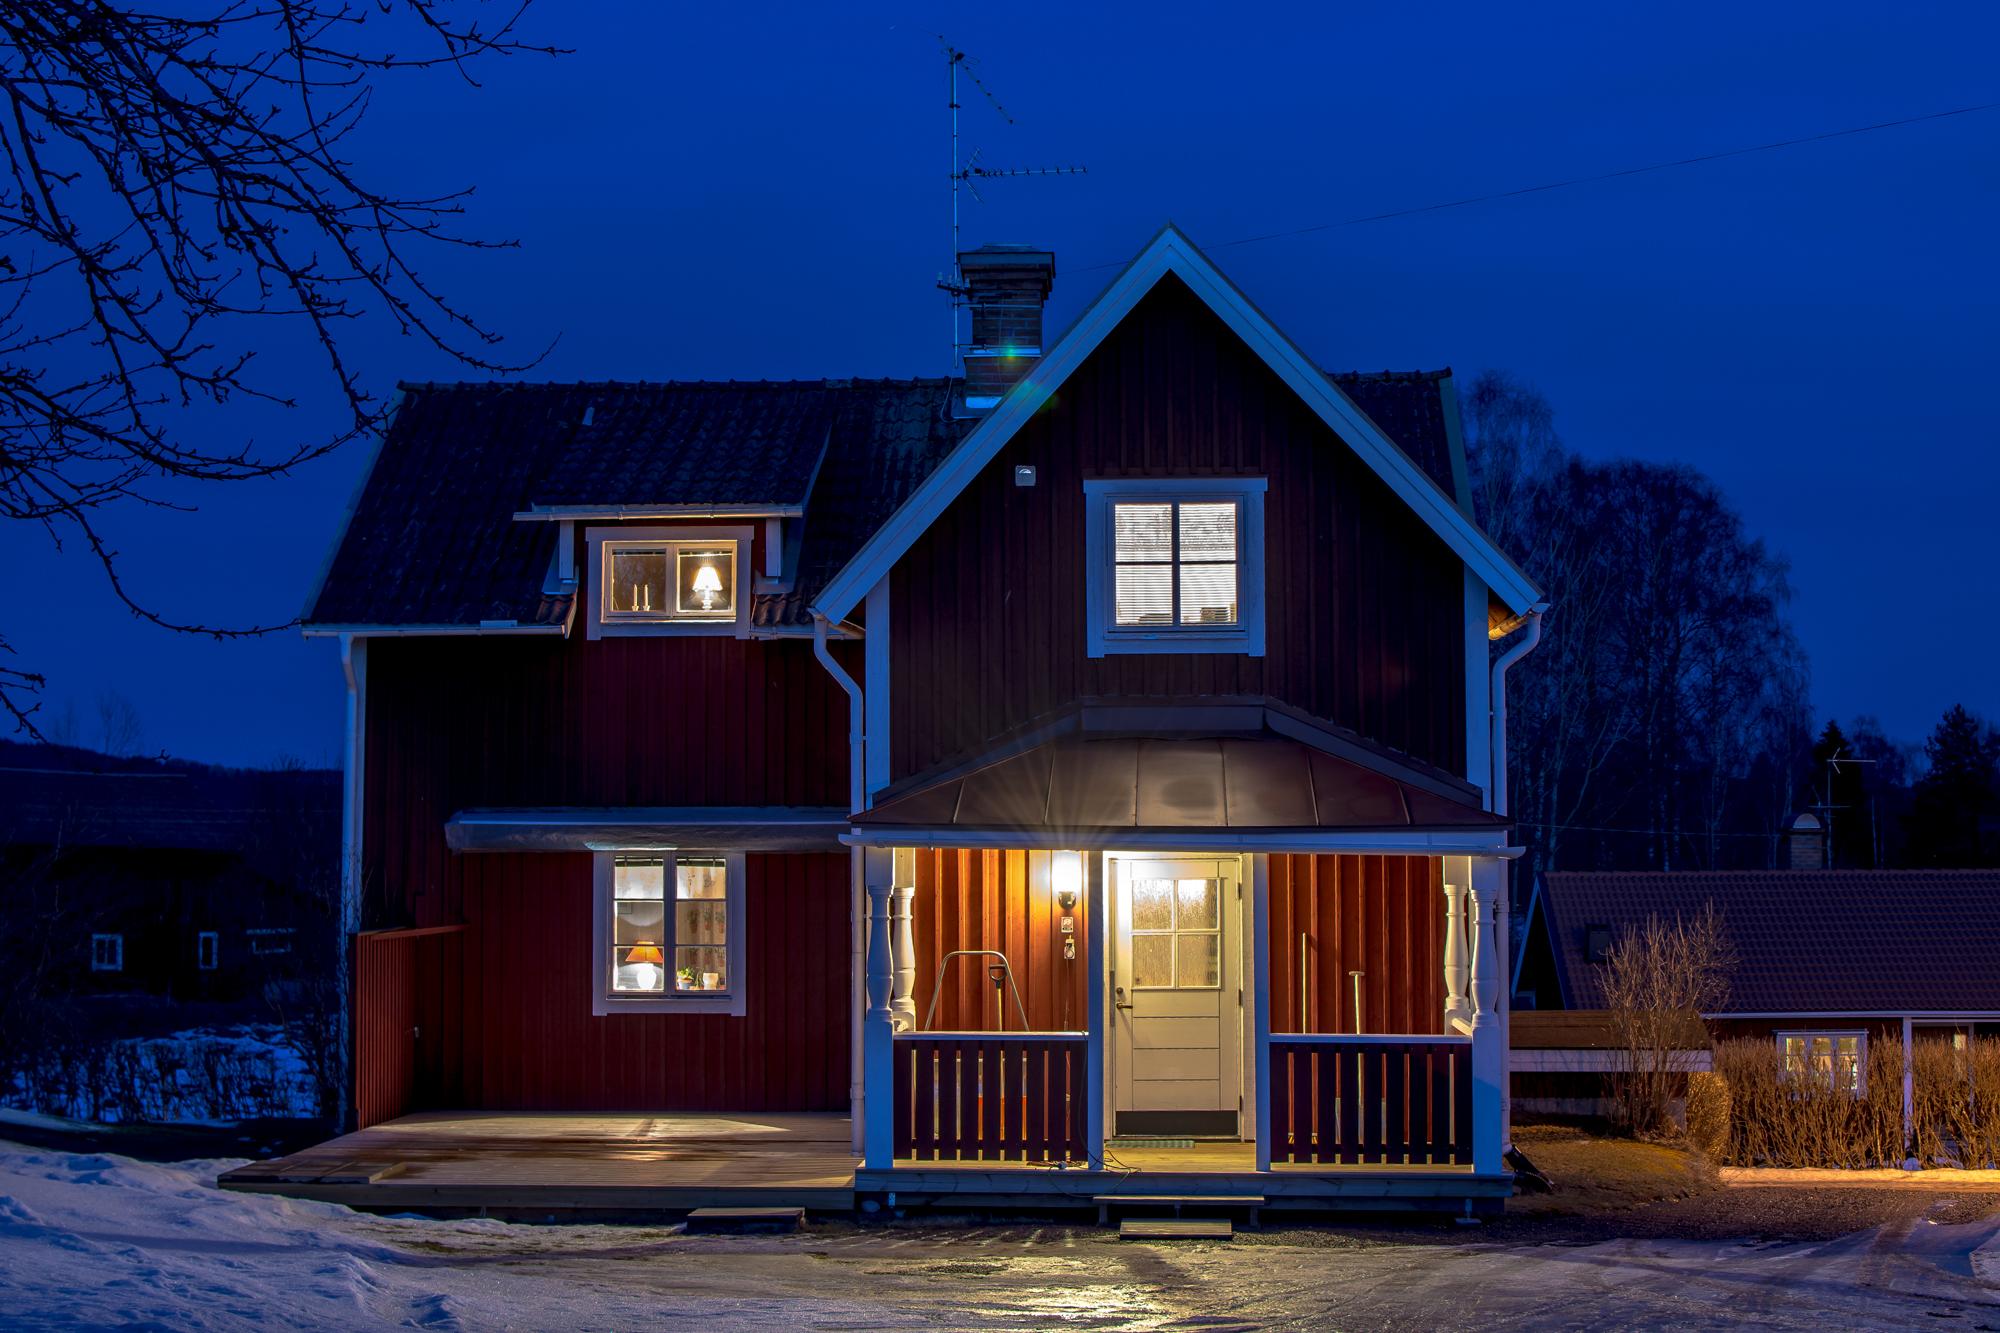 каталоге картинки домов в городе ночью другому обращались, все